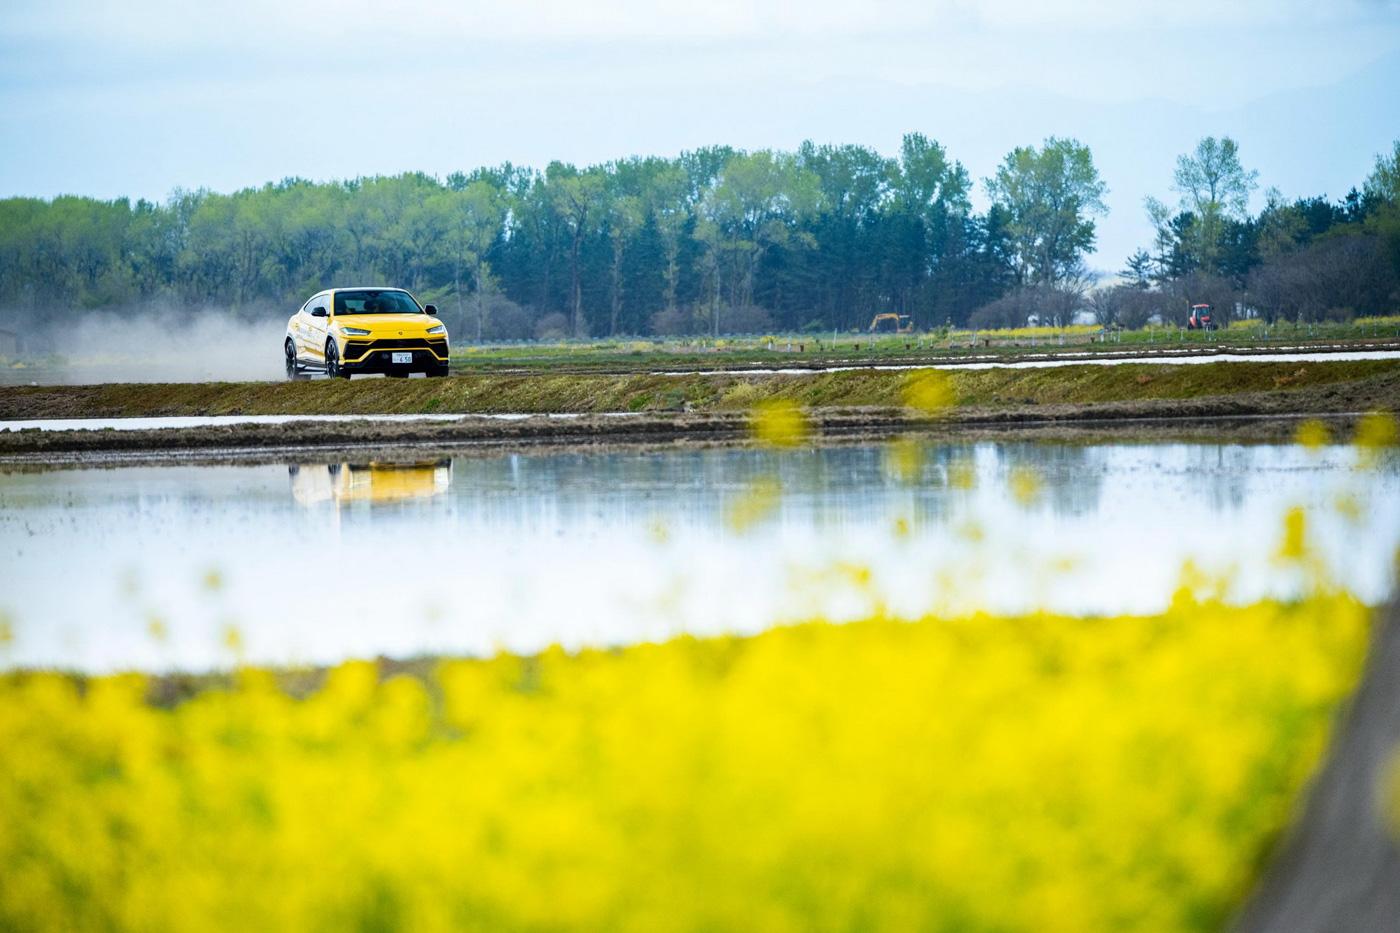 Bộ-đôi-Lamborghini-Urus-vượt-hơn-6.500-km-trong-hành-trình-xuyên-Nhật-Bản (21).jpg